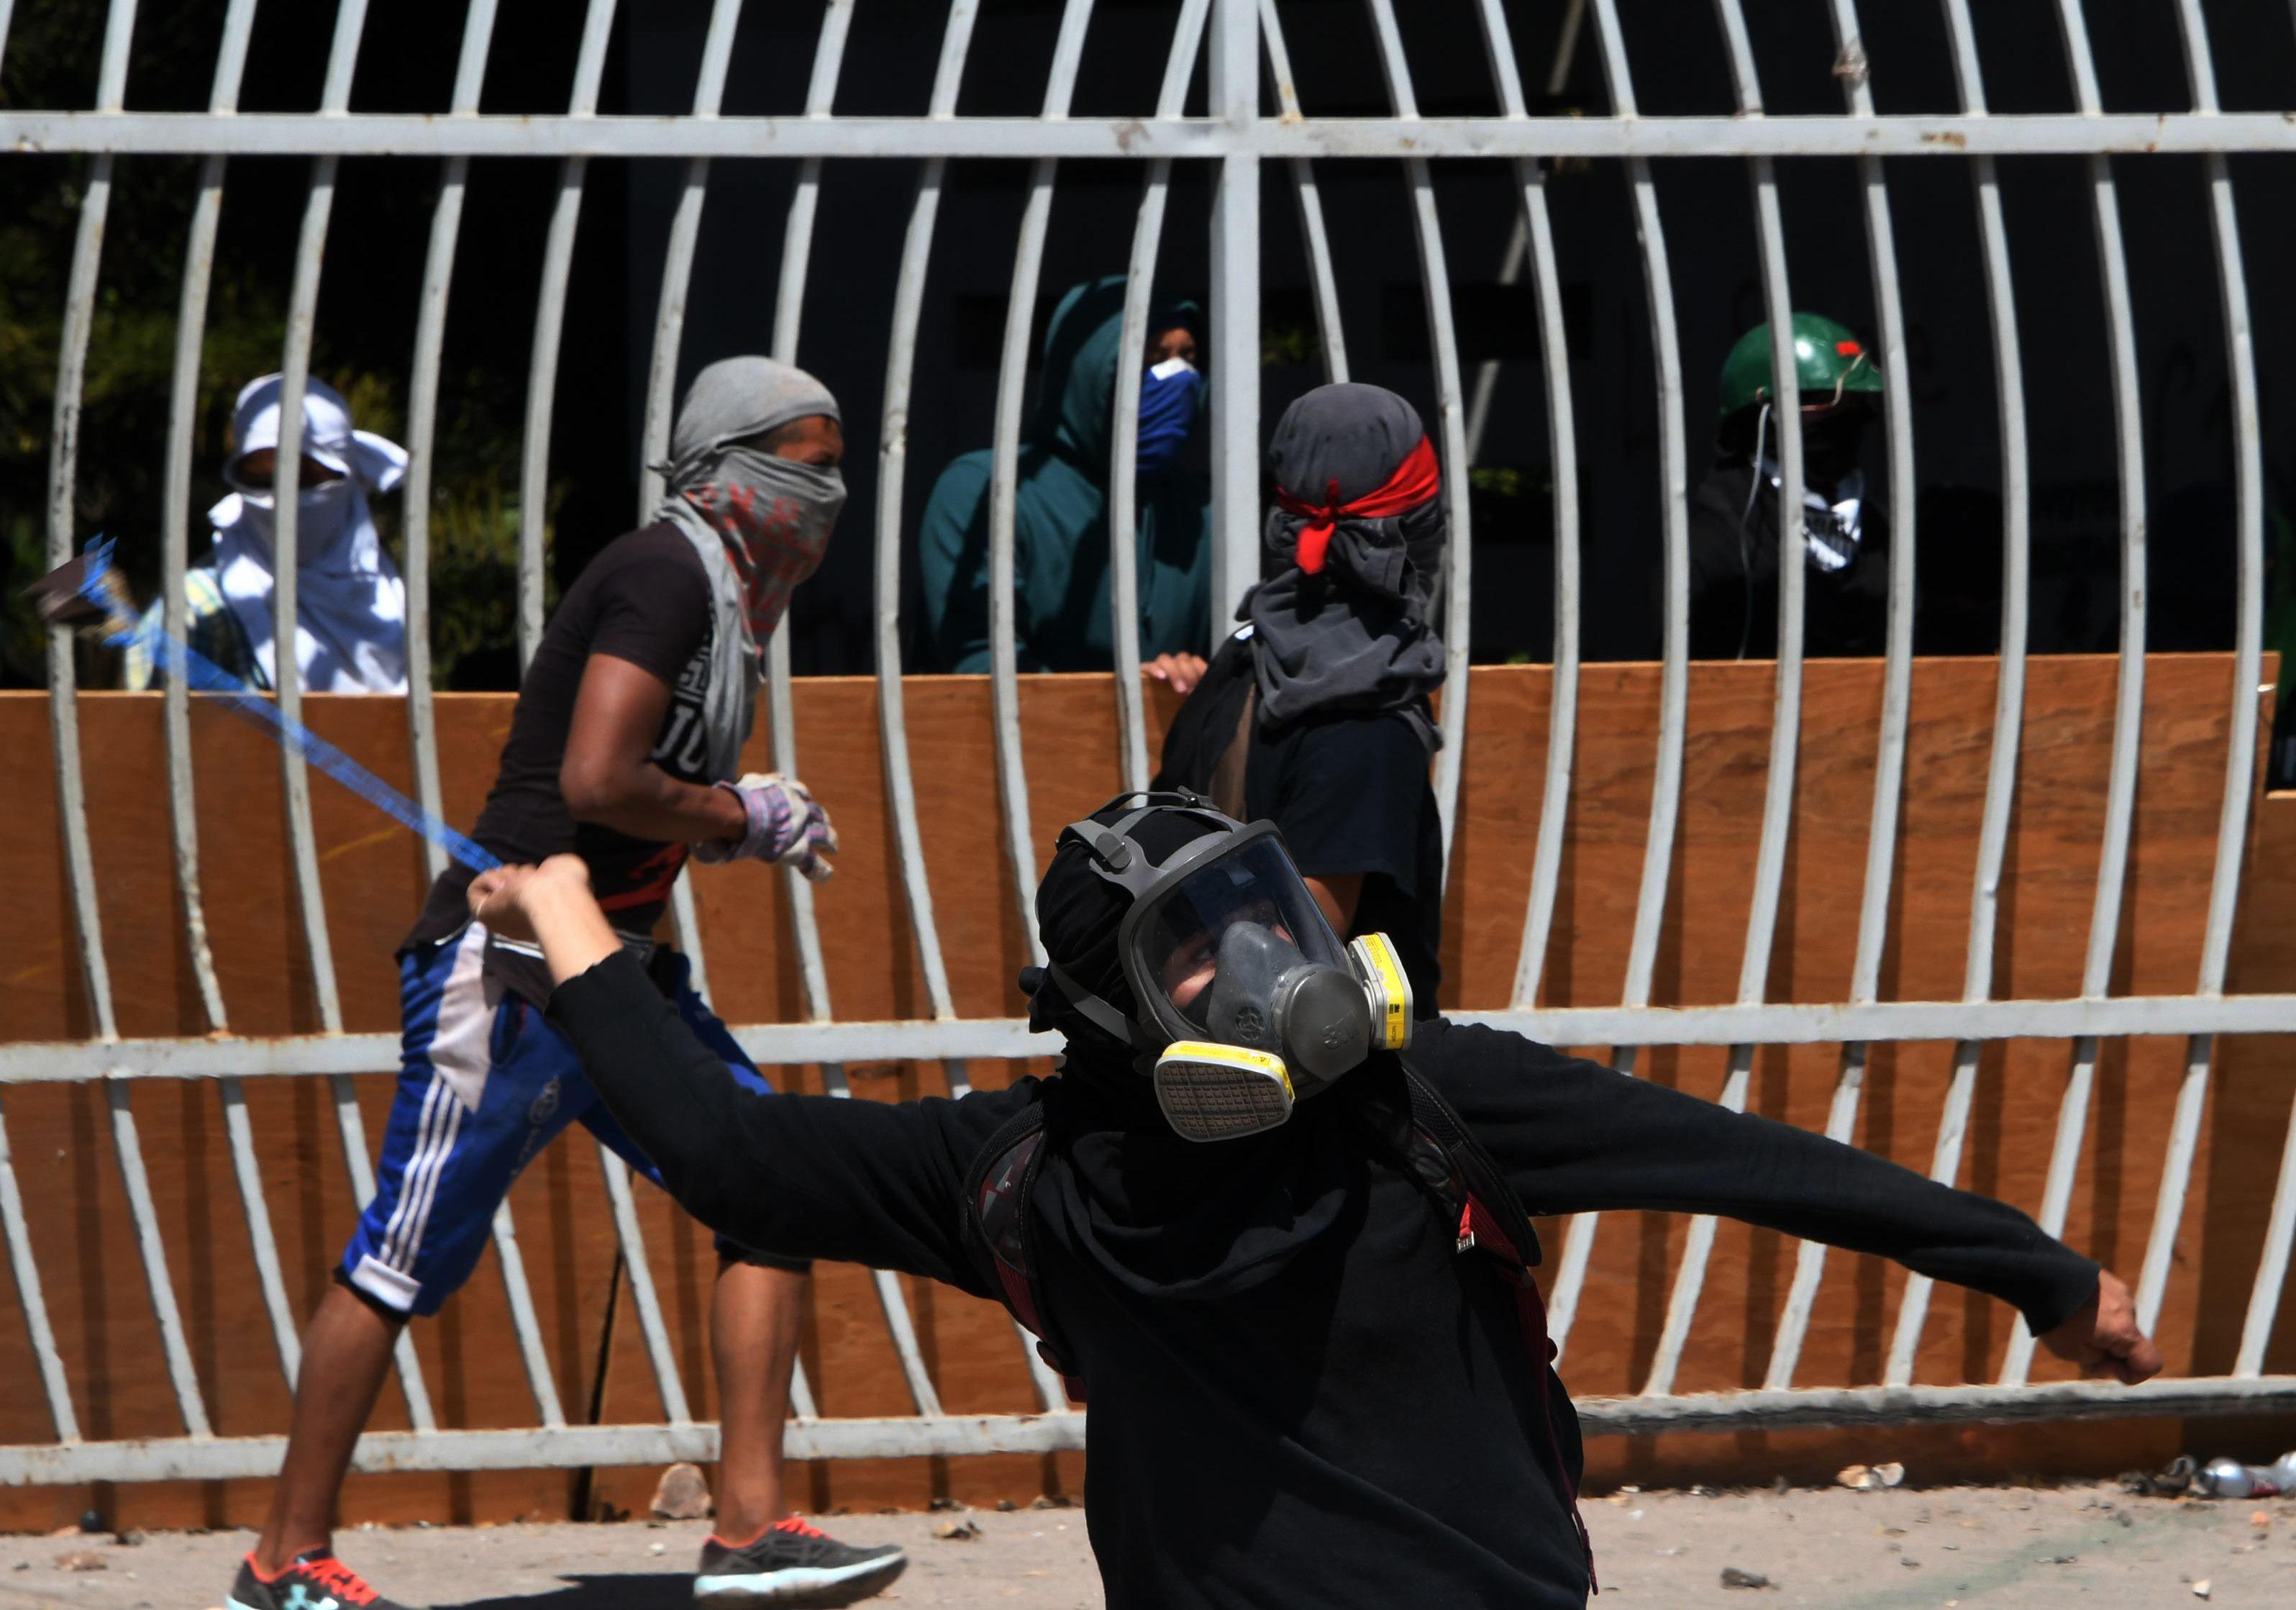 احتجاجات عنيفة فى هندوراس